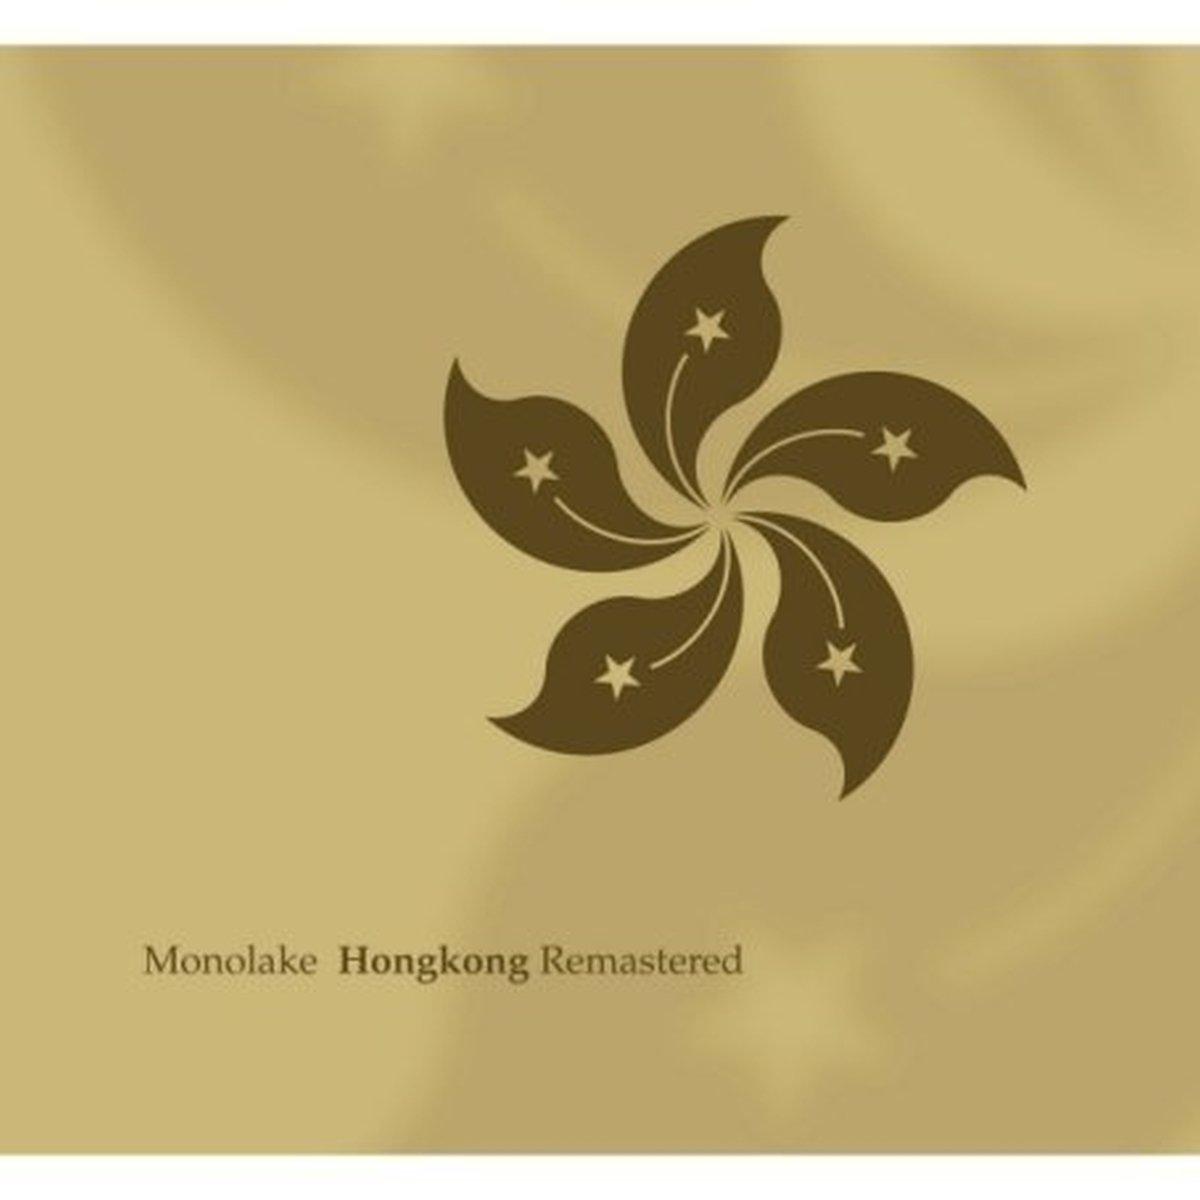 Hongkong Remastered                                                                                                                                                                                                                                                                                                                                                                                                <span class=